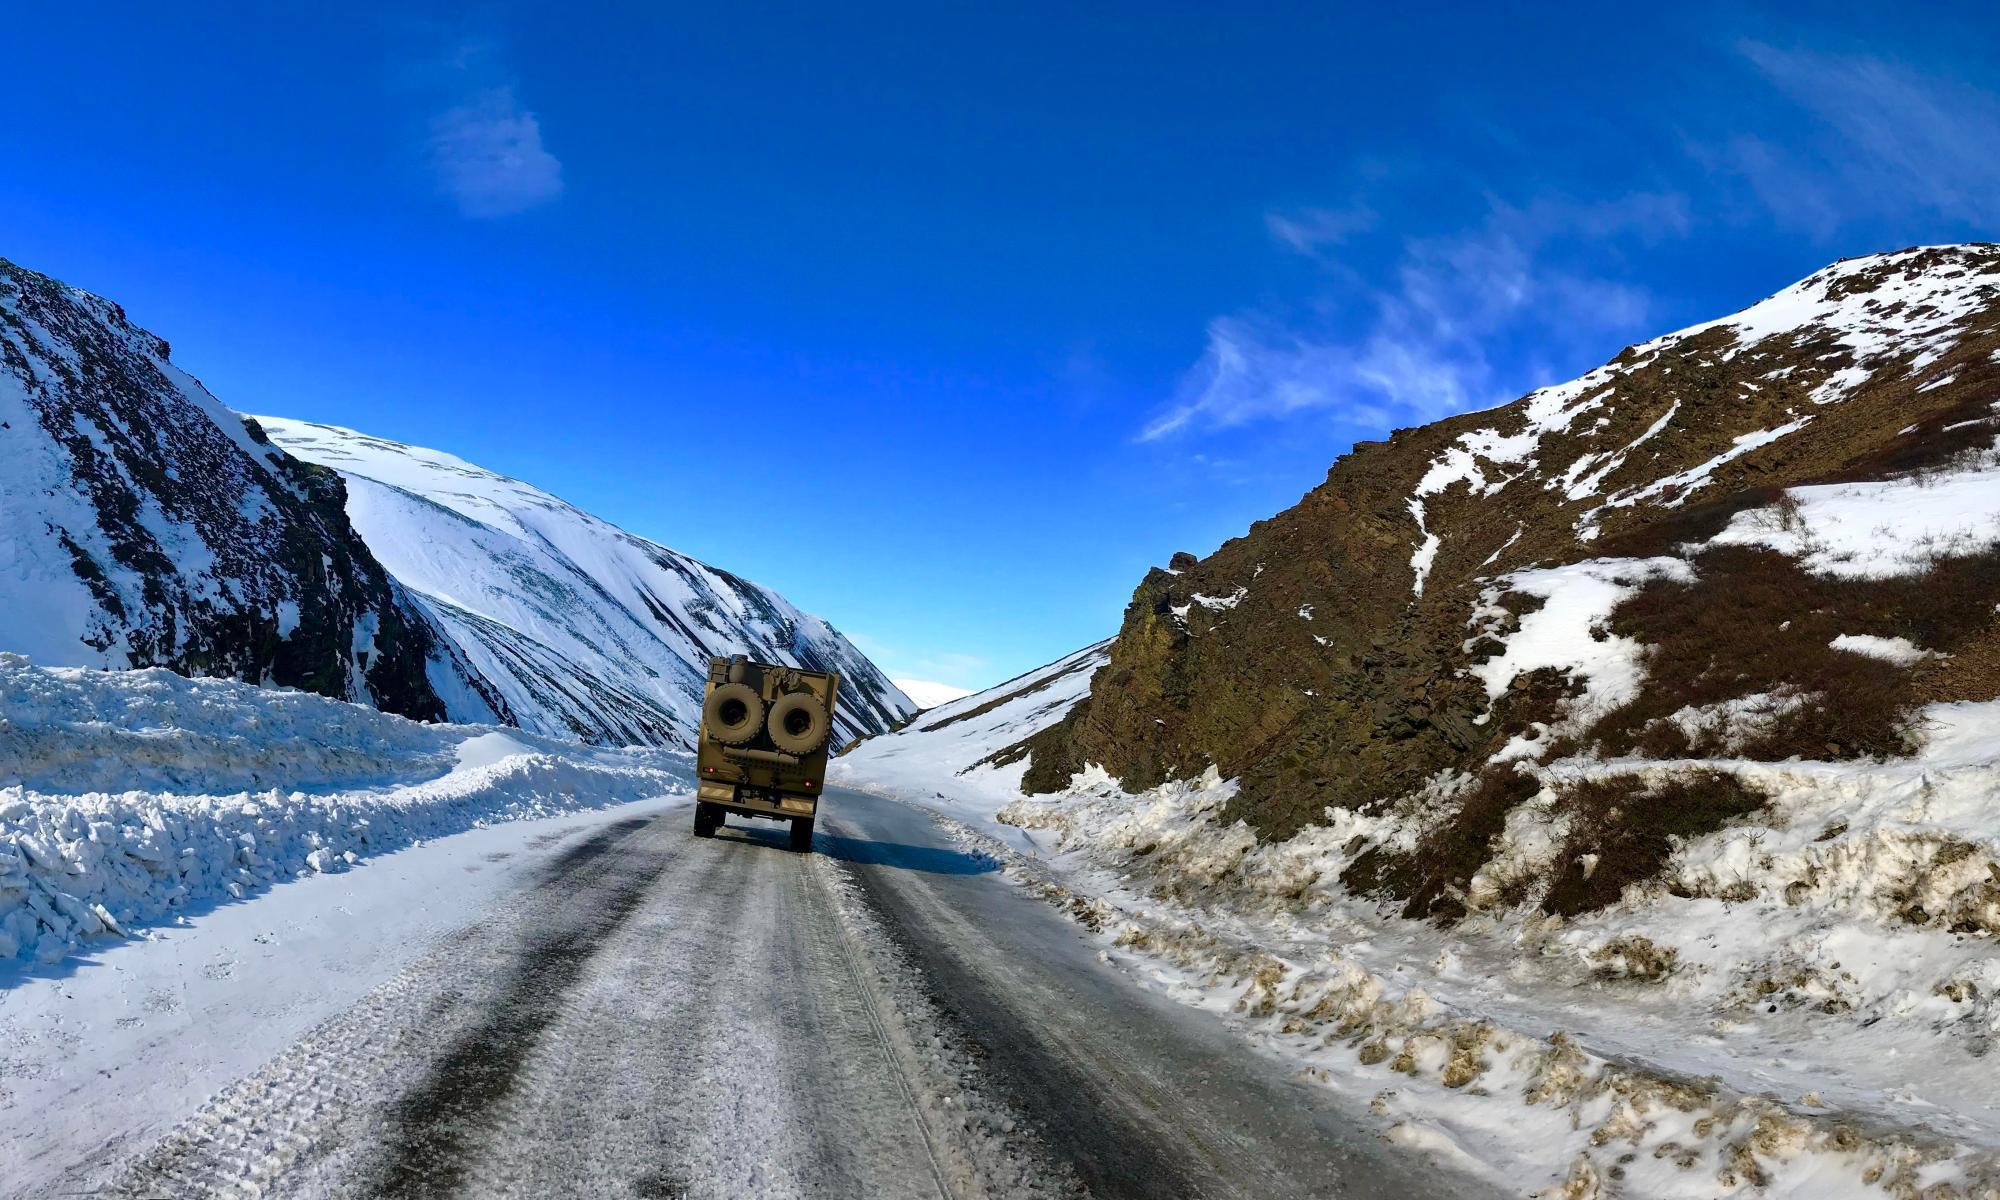 Unimob-auf-Arktis-Roadtrip